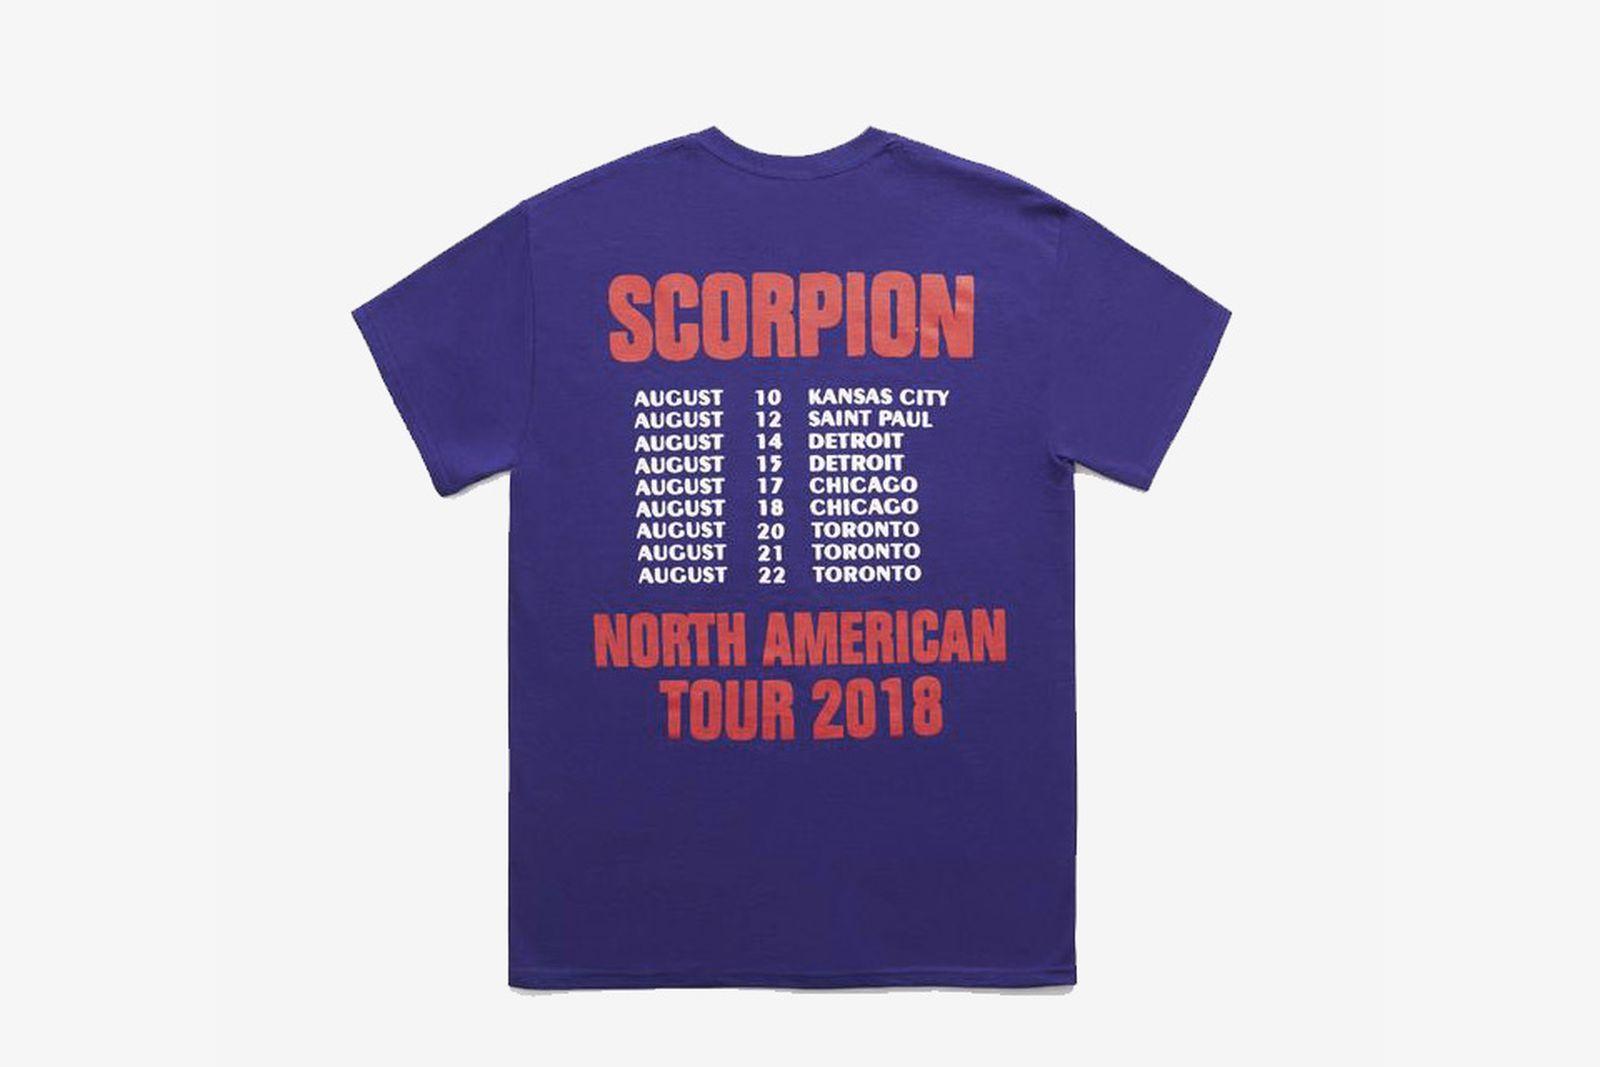 drake tour merch scorpion ASAP Ferg Aubrey and the three migos Merchandise